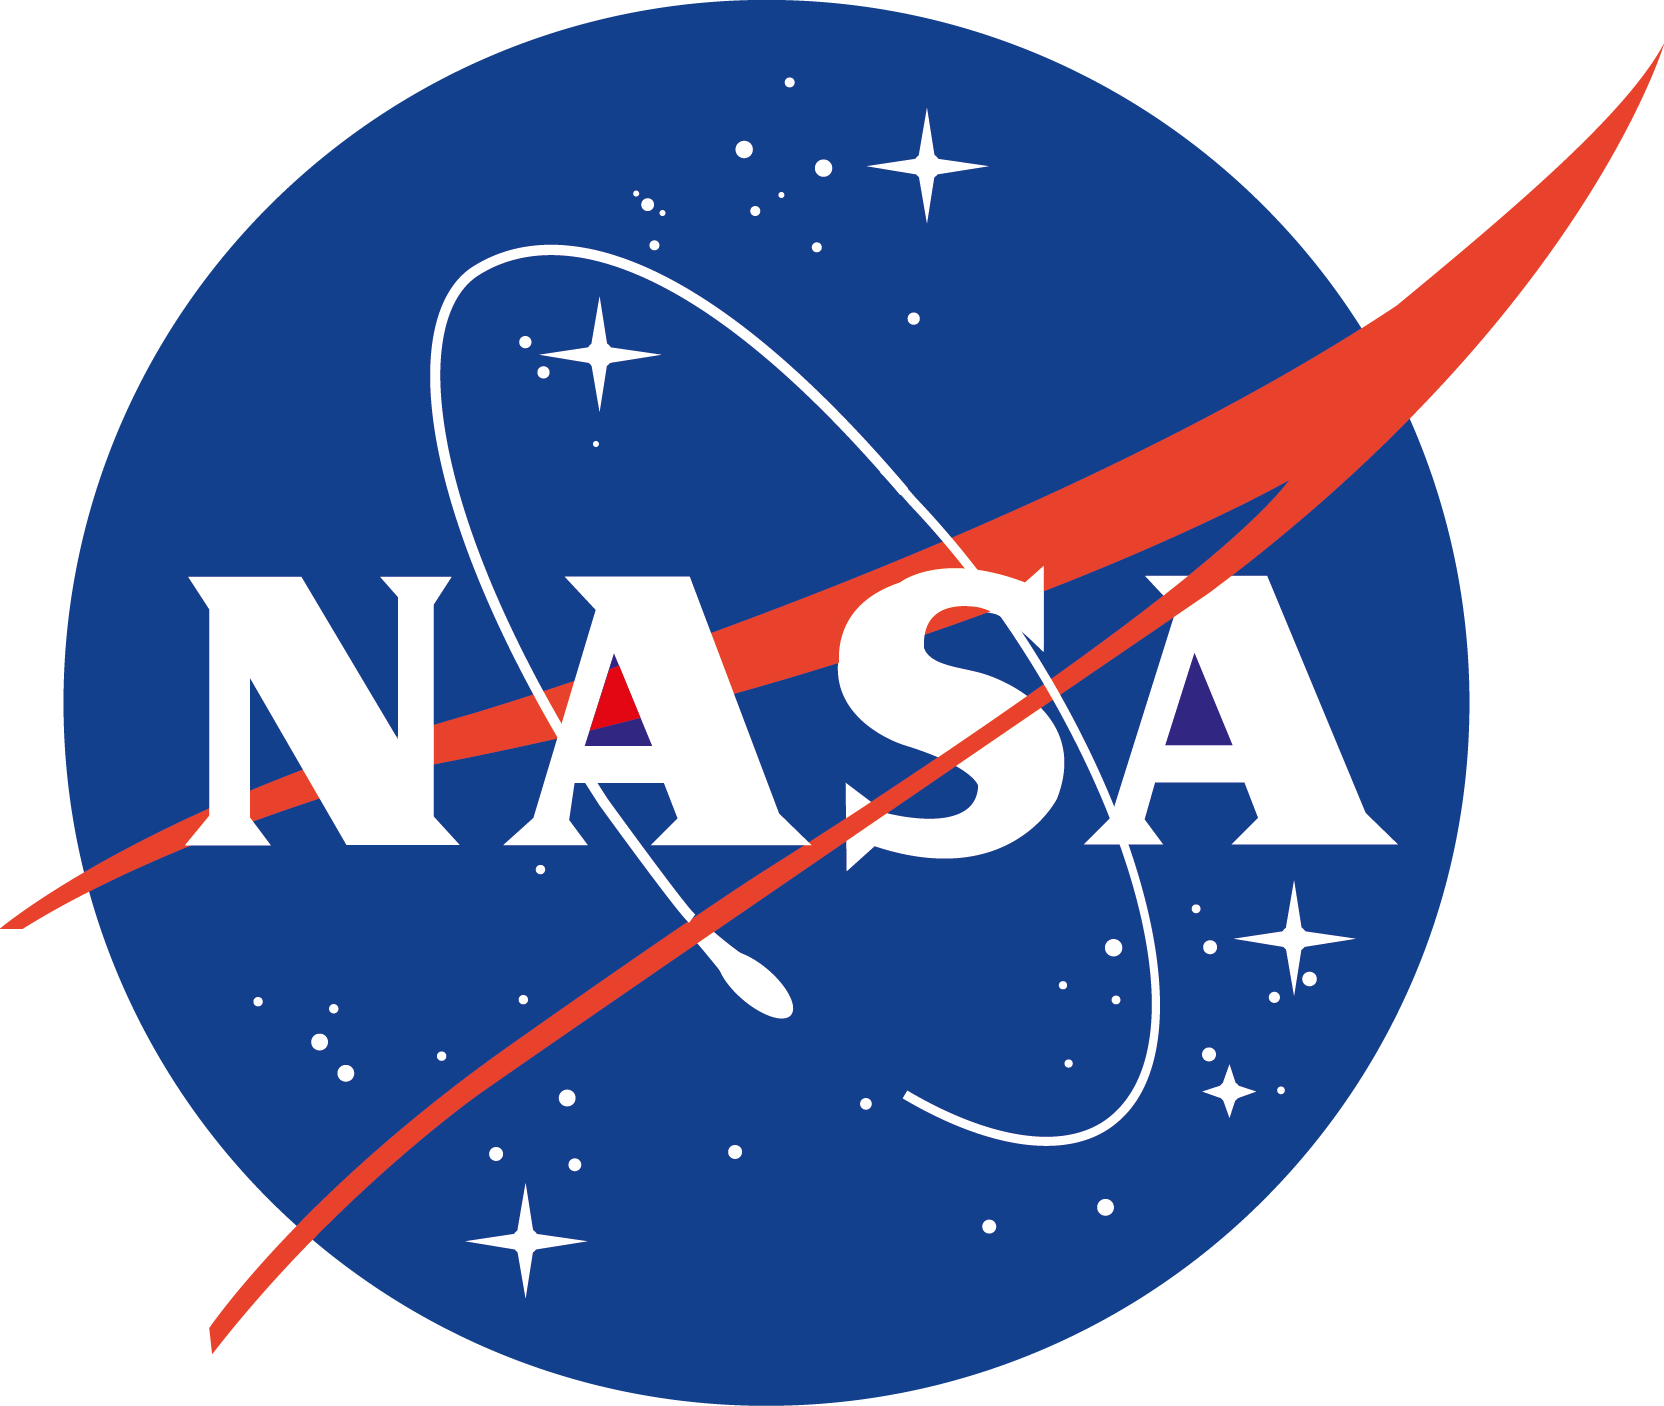 Nasa Logo PNG - 109156